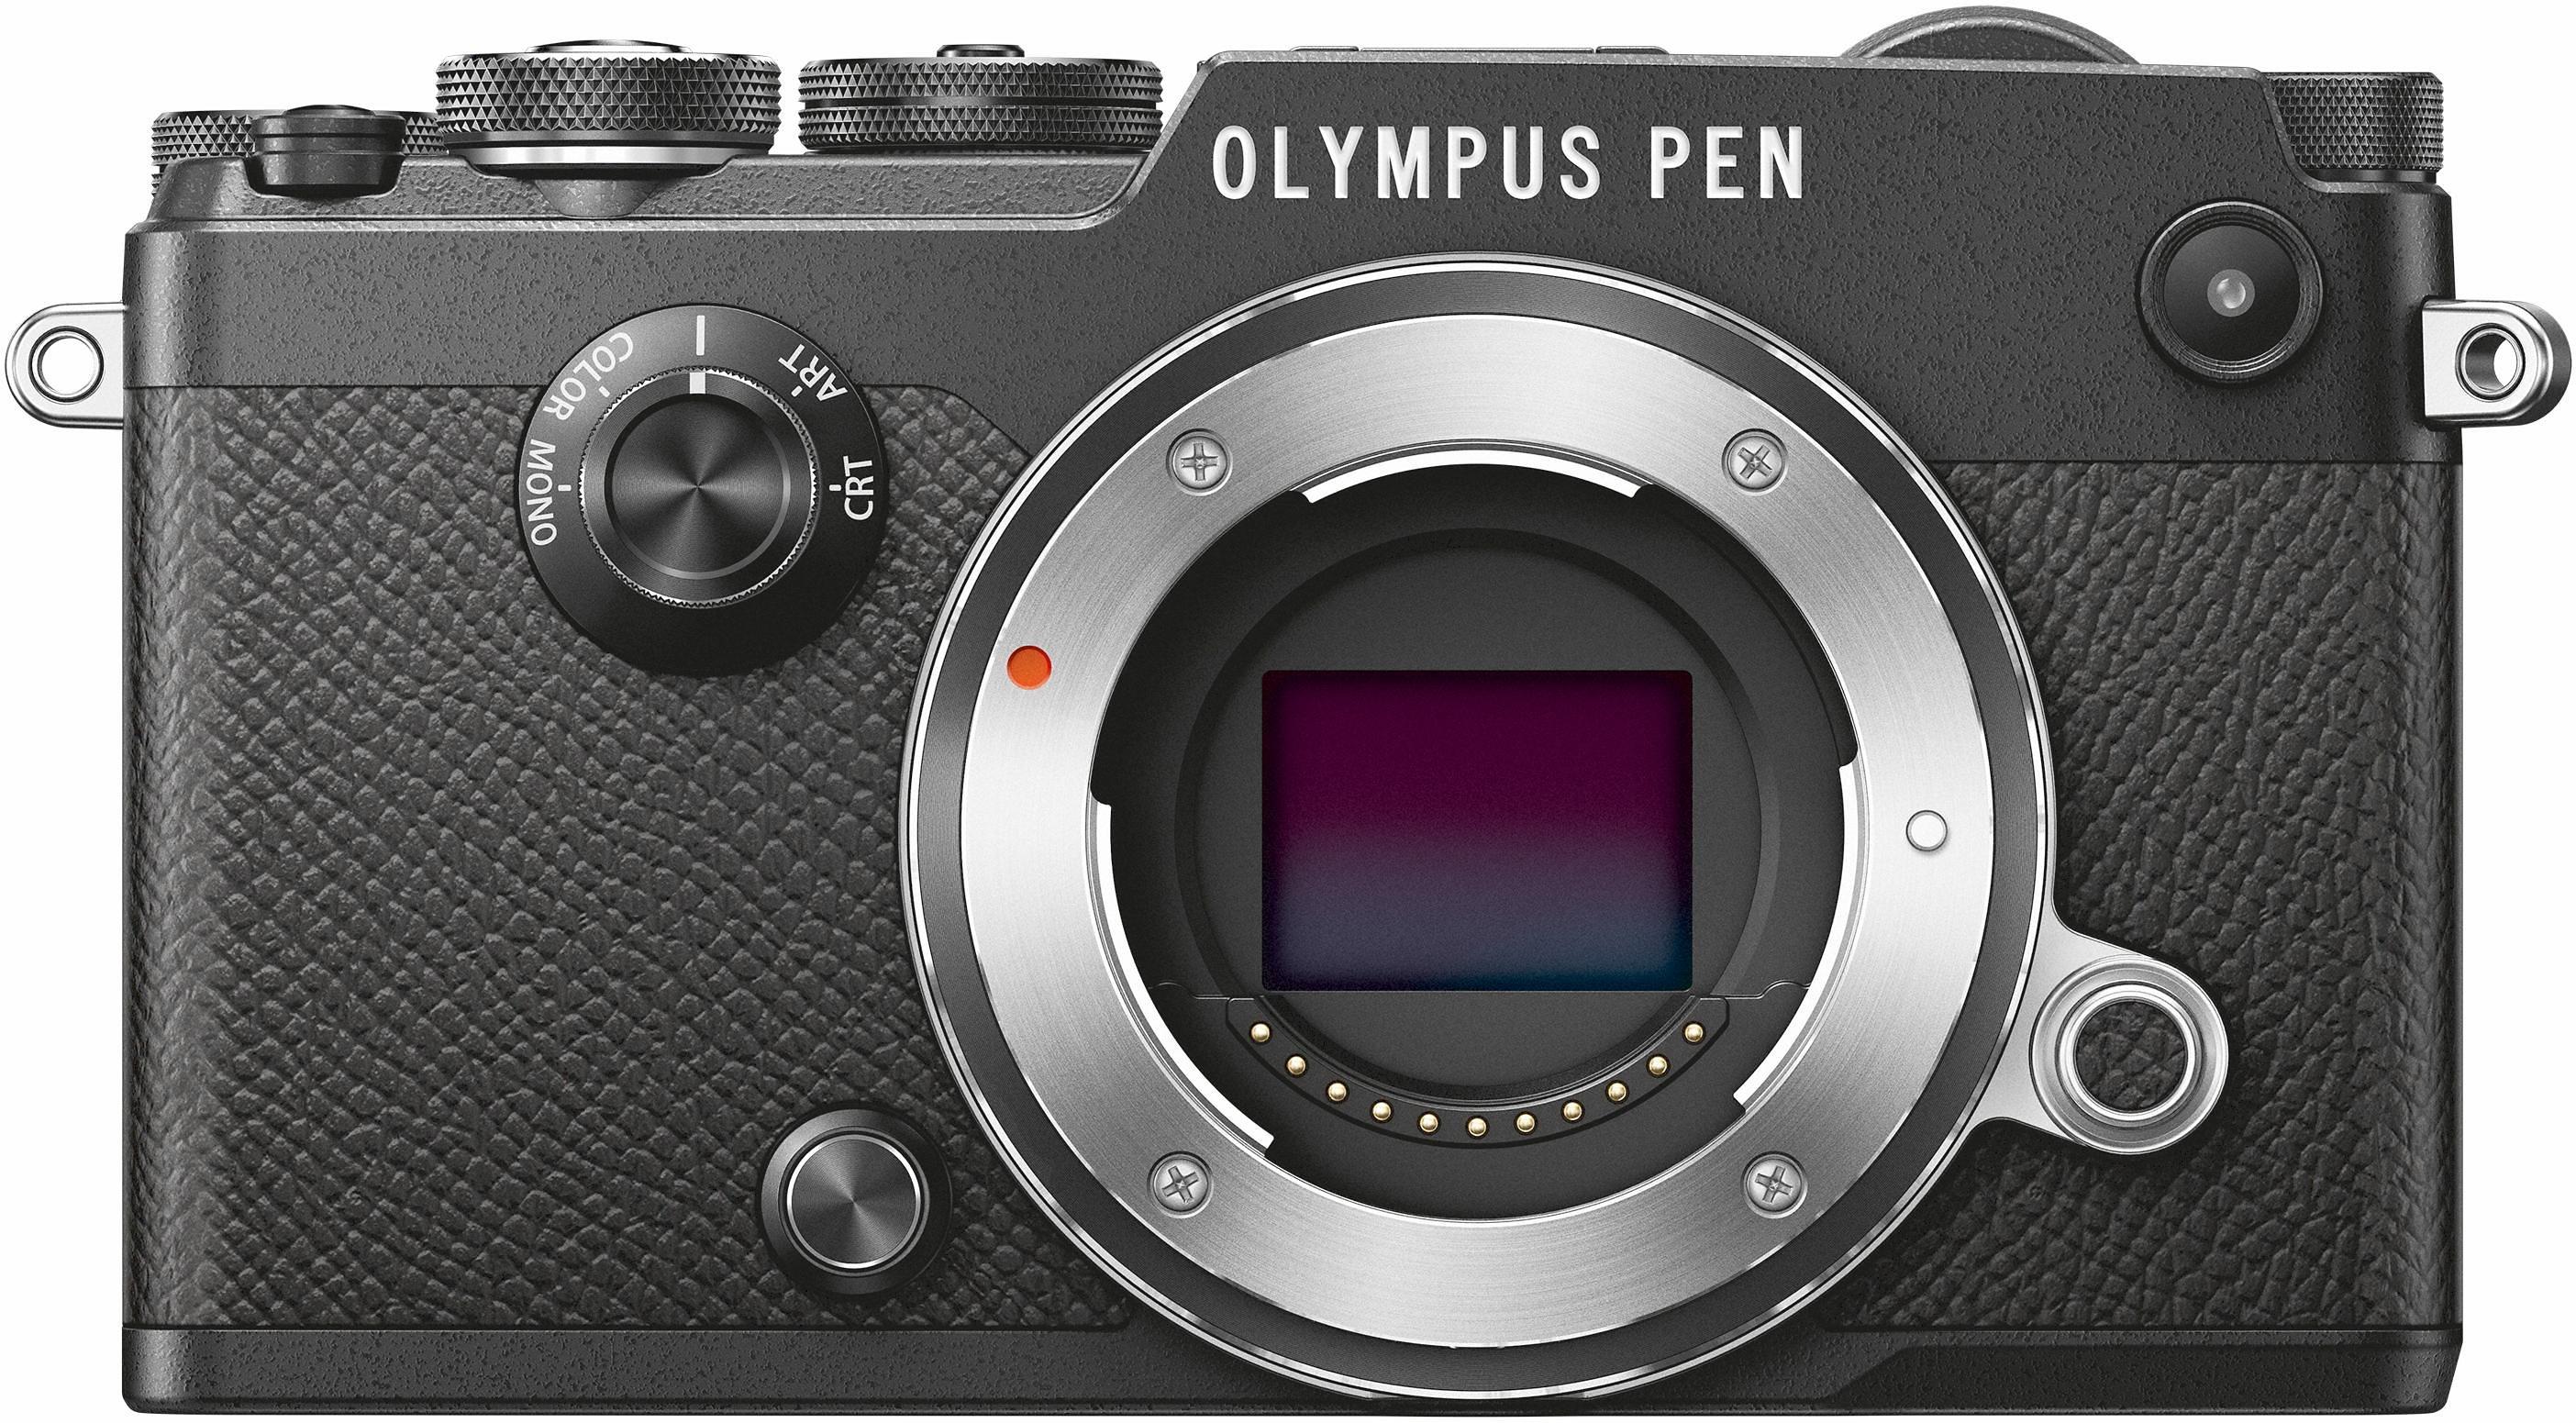 Olympus Pen Tasche Preisvergleich Die Besten Angebote Online Kaufen Om D E M10 Mark Ii Kit 40 150mm Paket F Body System Kamera 203 Megapixel 76 Cm